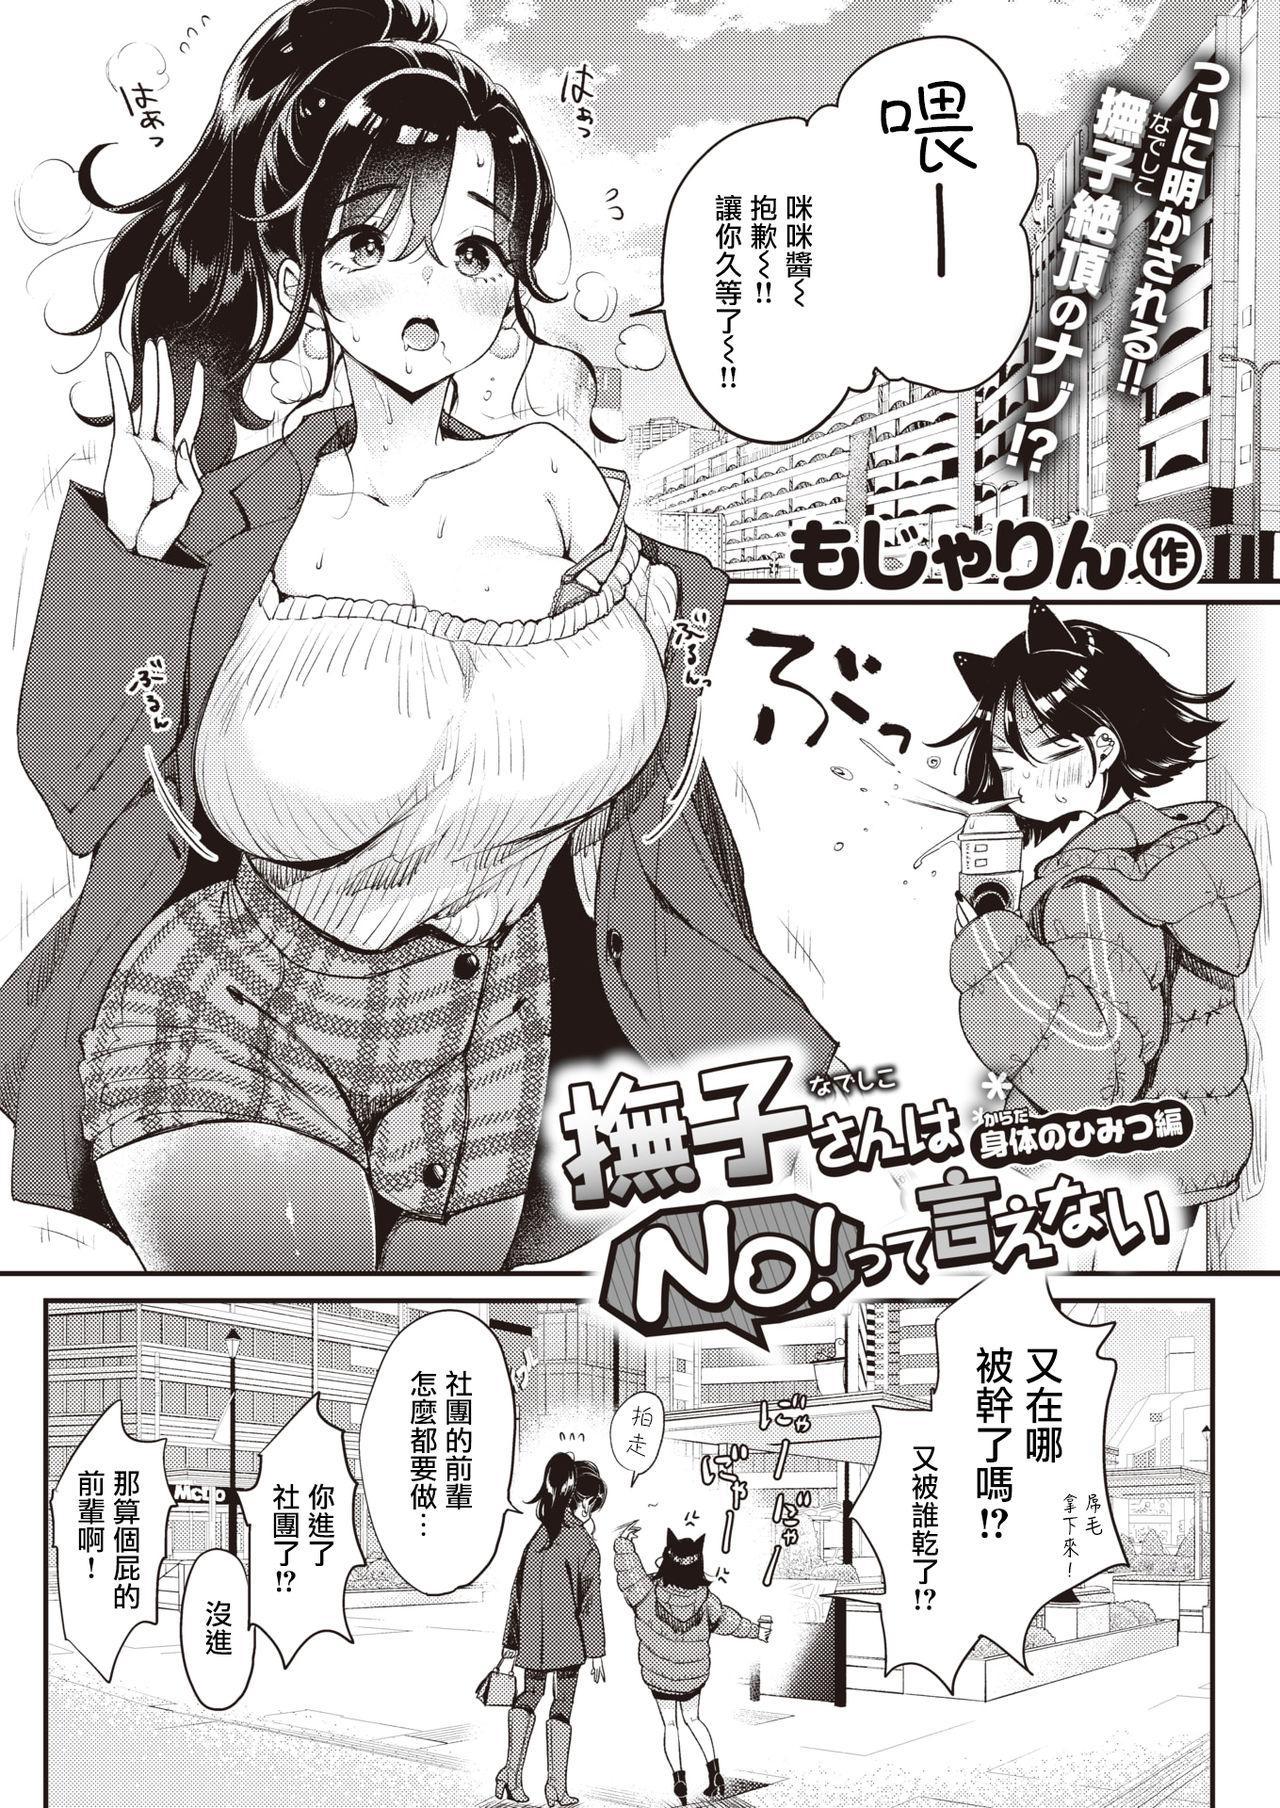 Nadeshiko-san wa NO!tte Ienai Karada no Himitsu Hen 1